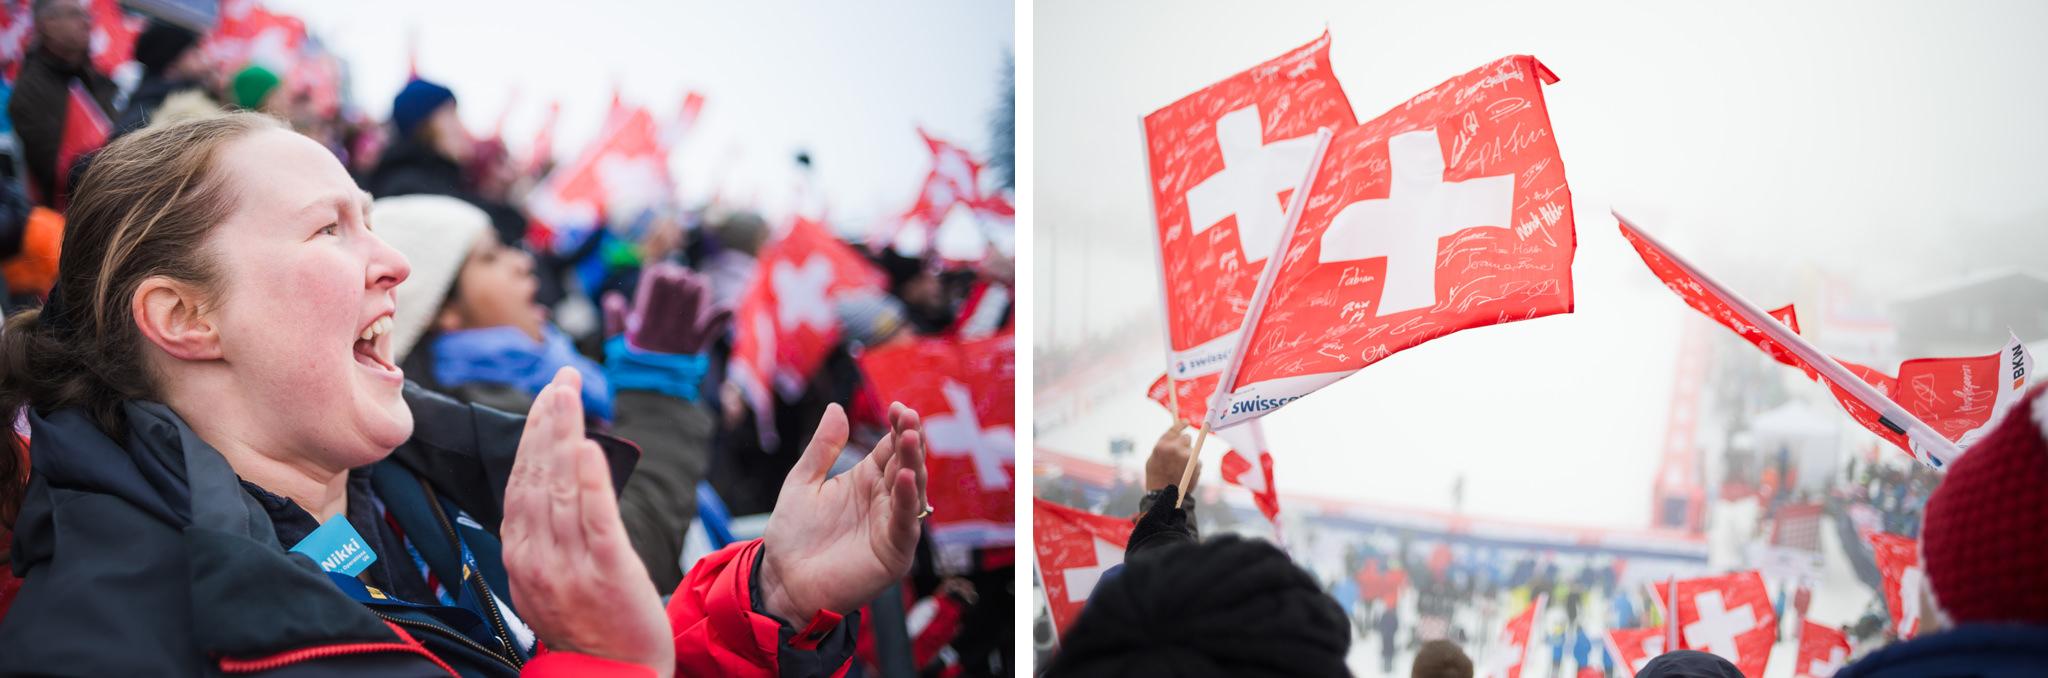 cheering for ski racer dave ryding